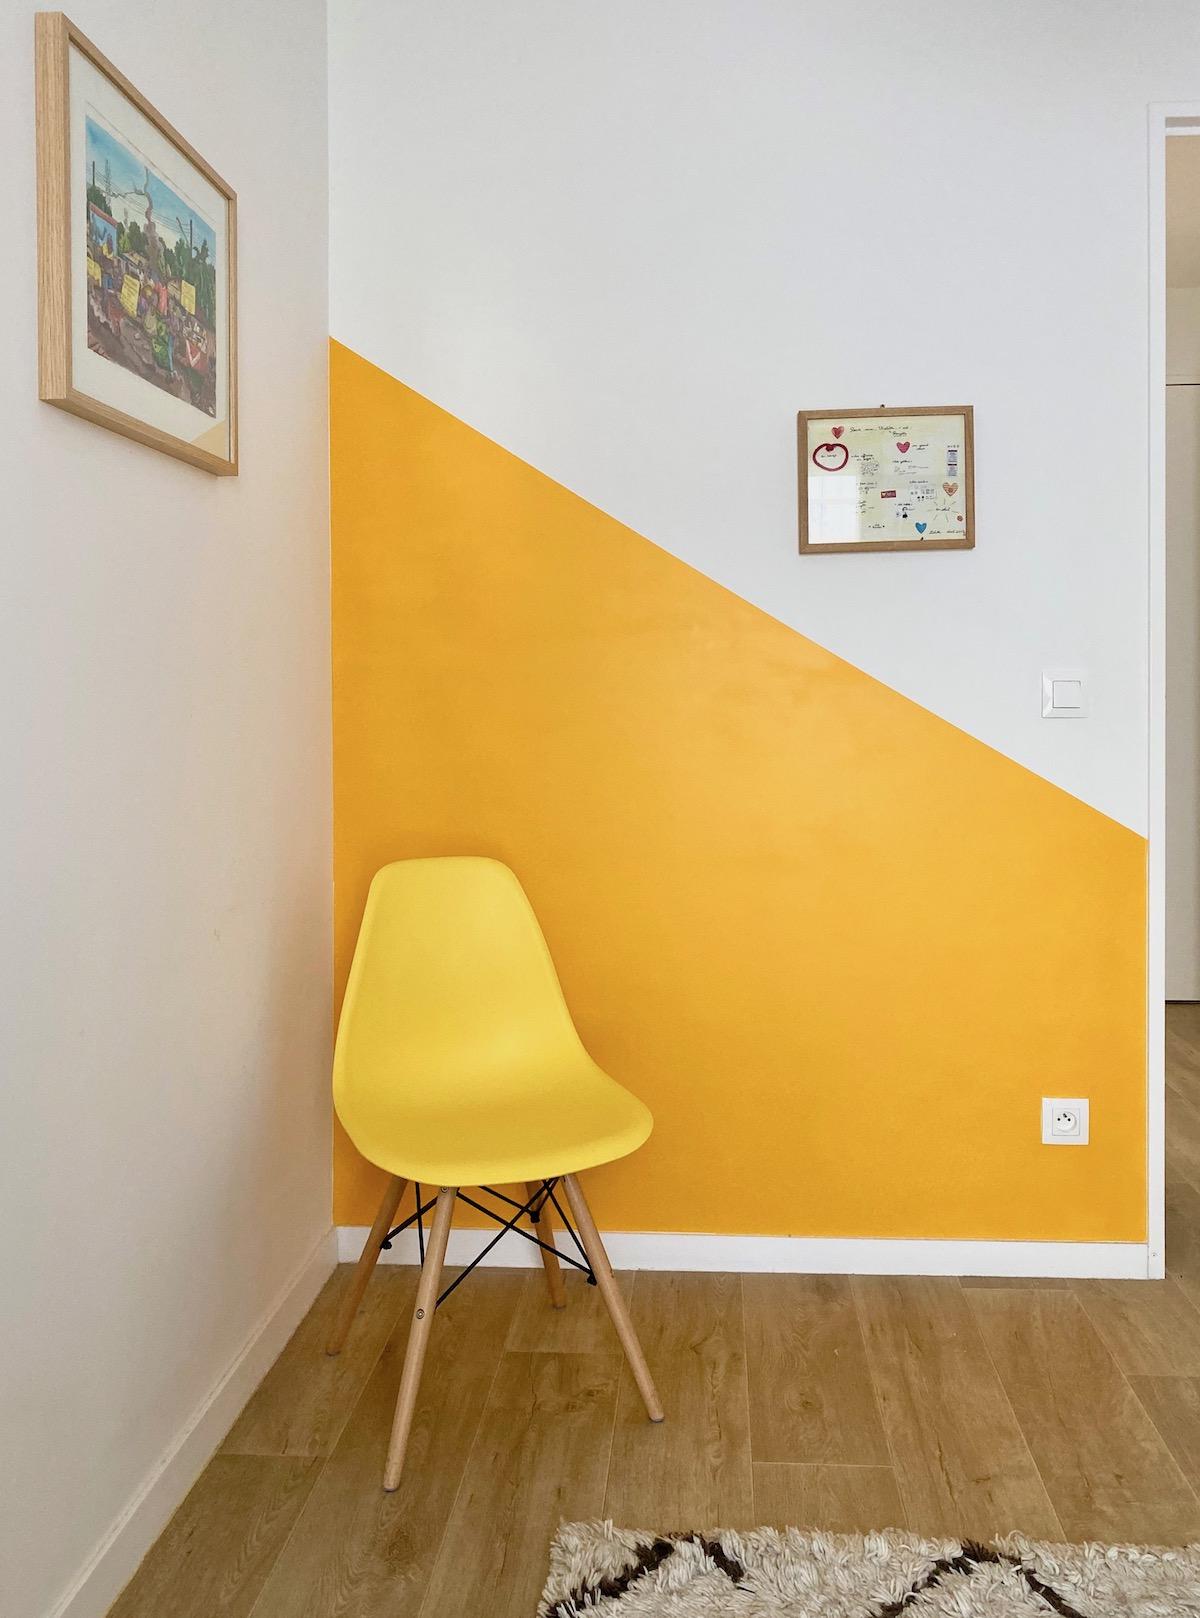 chambre décoration ton sur ton peinture jaune moutarde chaise scandinave